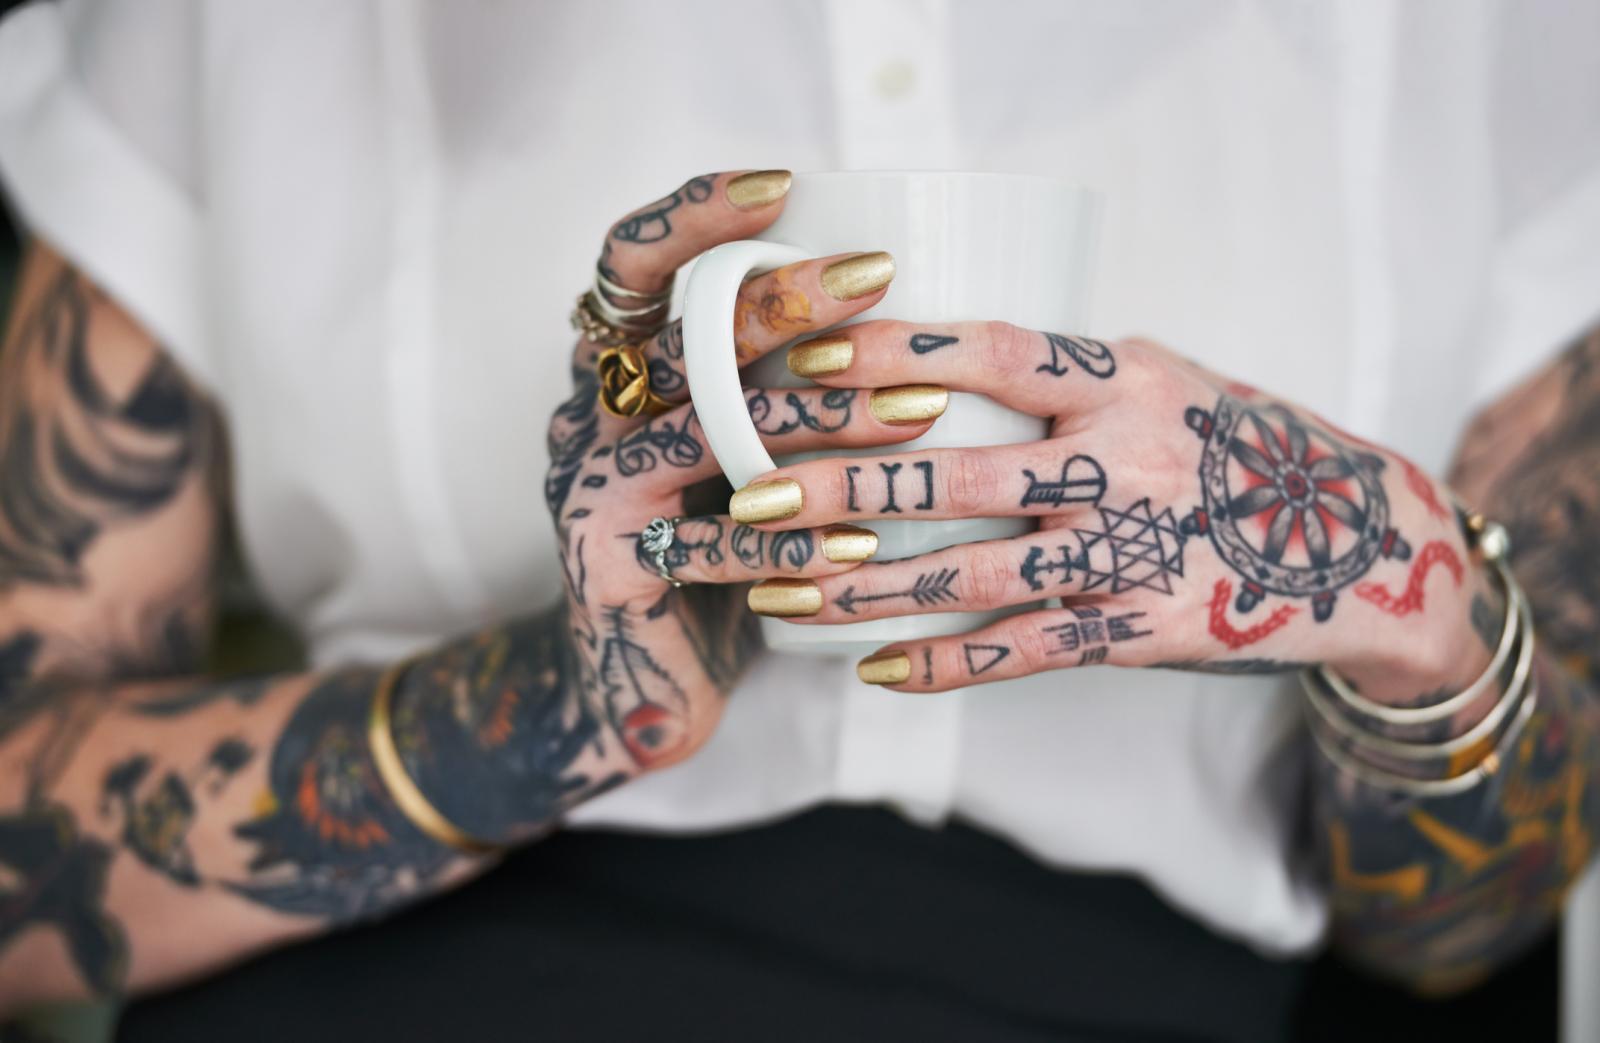 Alergijske reakcije i infekcije samo su neke od reakcija, i to one blaže, no tetovaža može donijeti i ozbiljnije zdravstvene probleme.